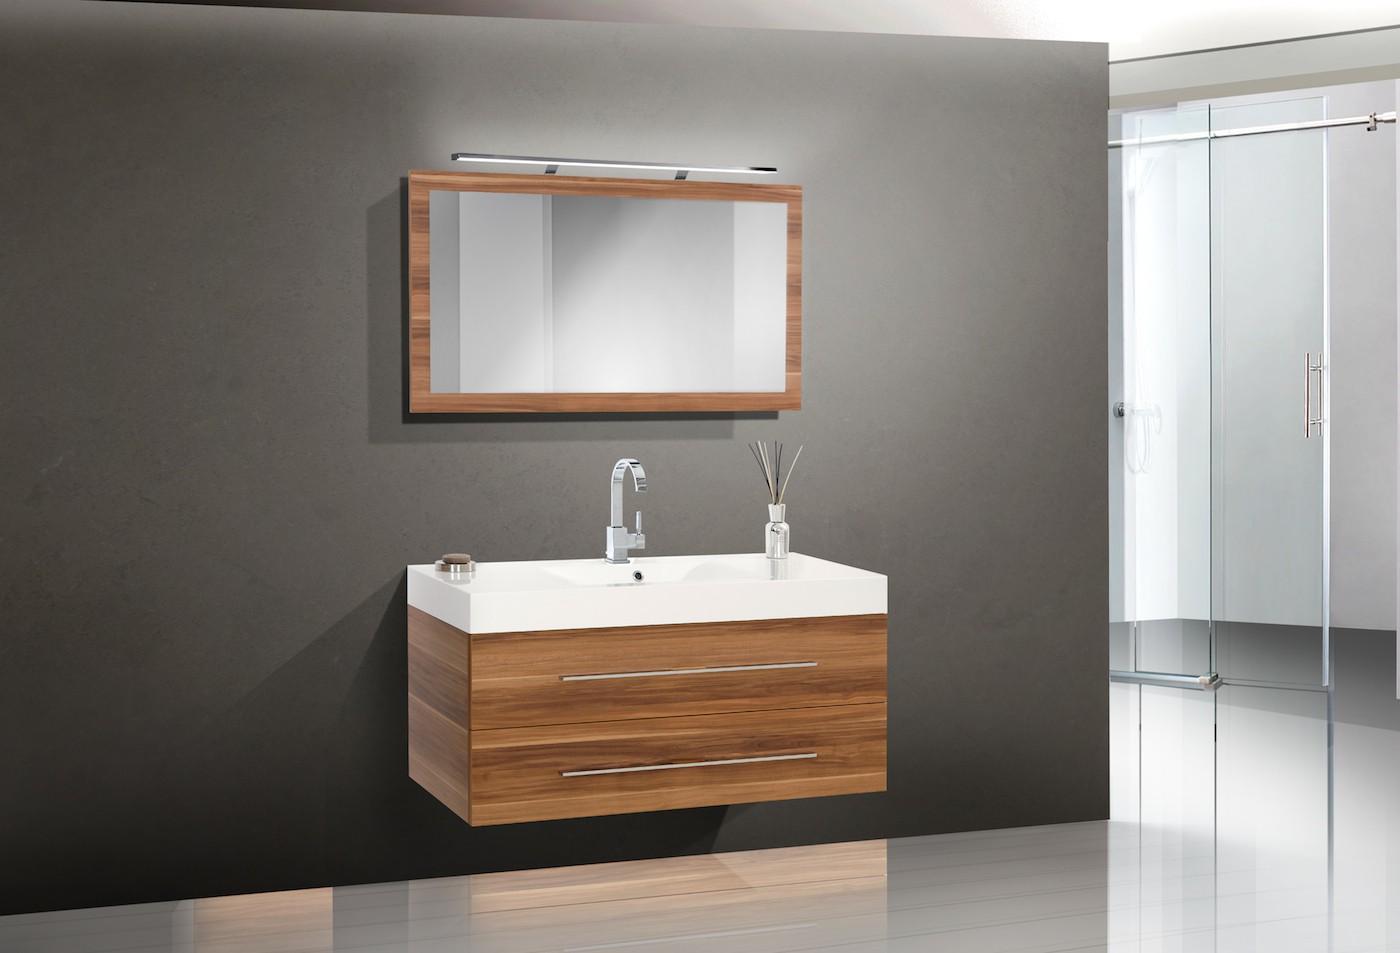 design badm bel set waschbecken 120cm lichtspiegel. Black Bedroom Furniture Sets. Home Design Ideas